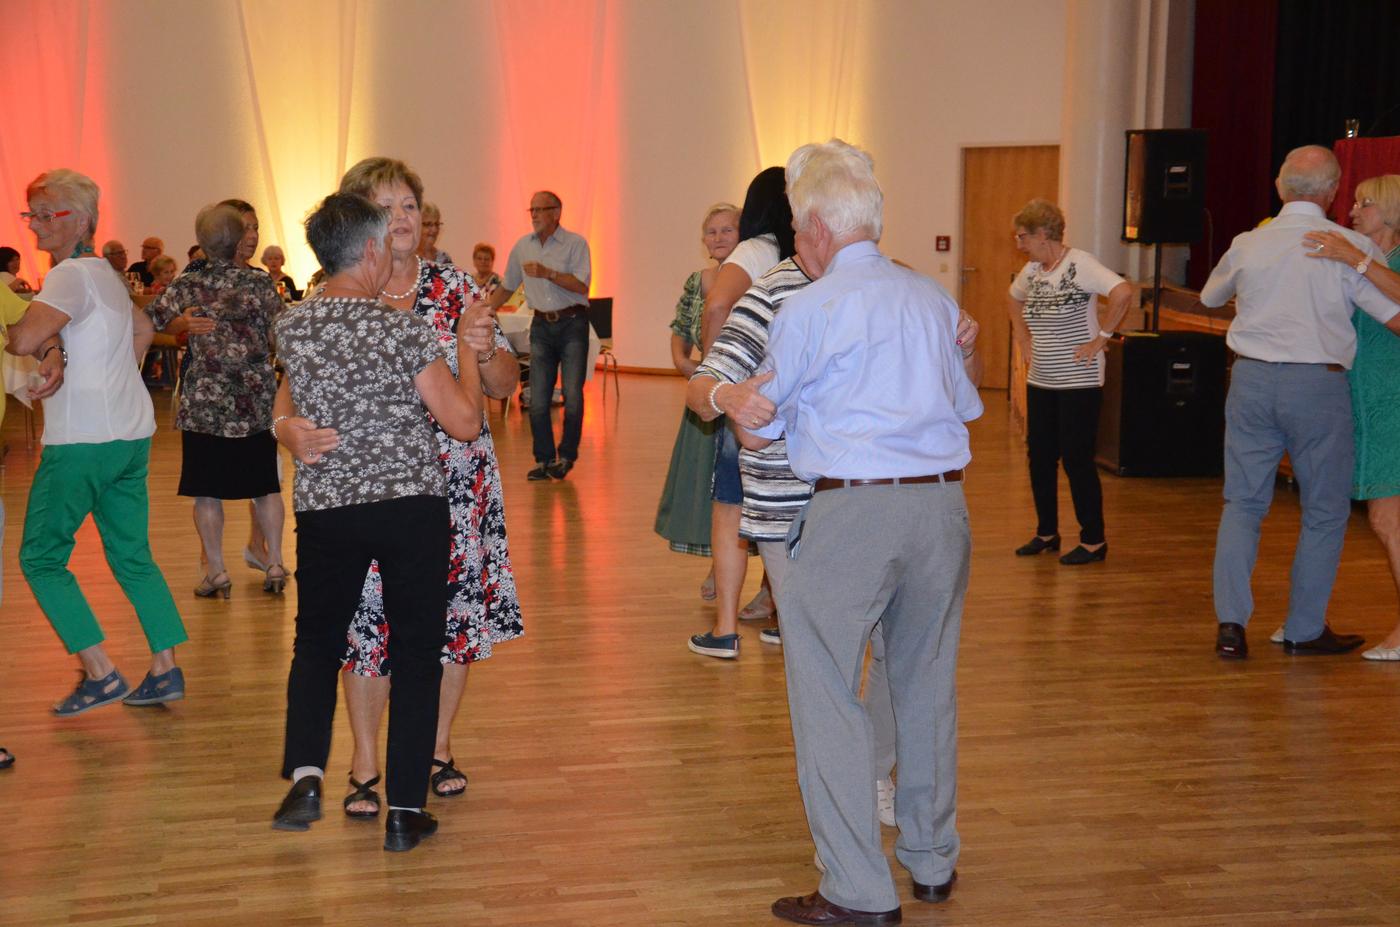 mehrere Tanzpaare auf der Tanzfläche